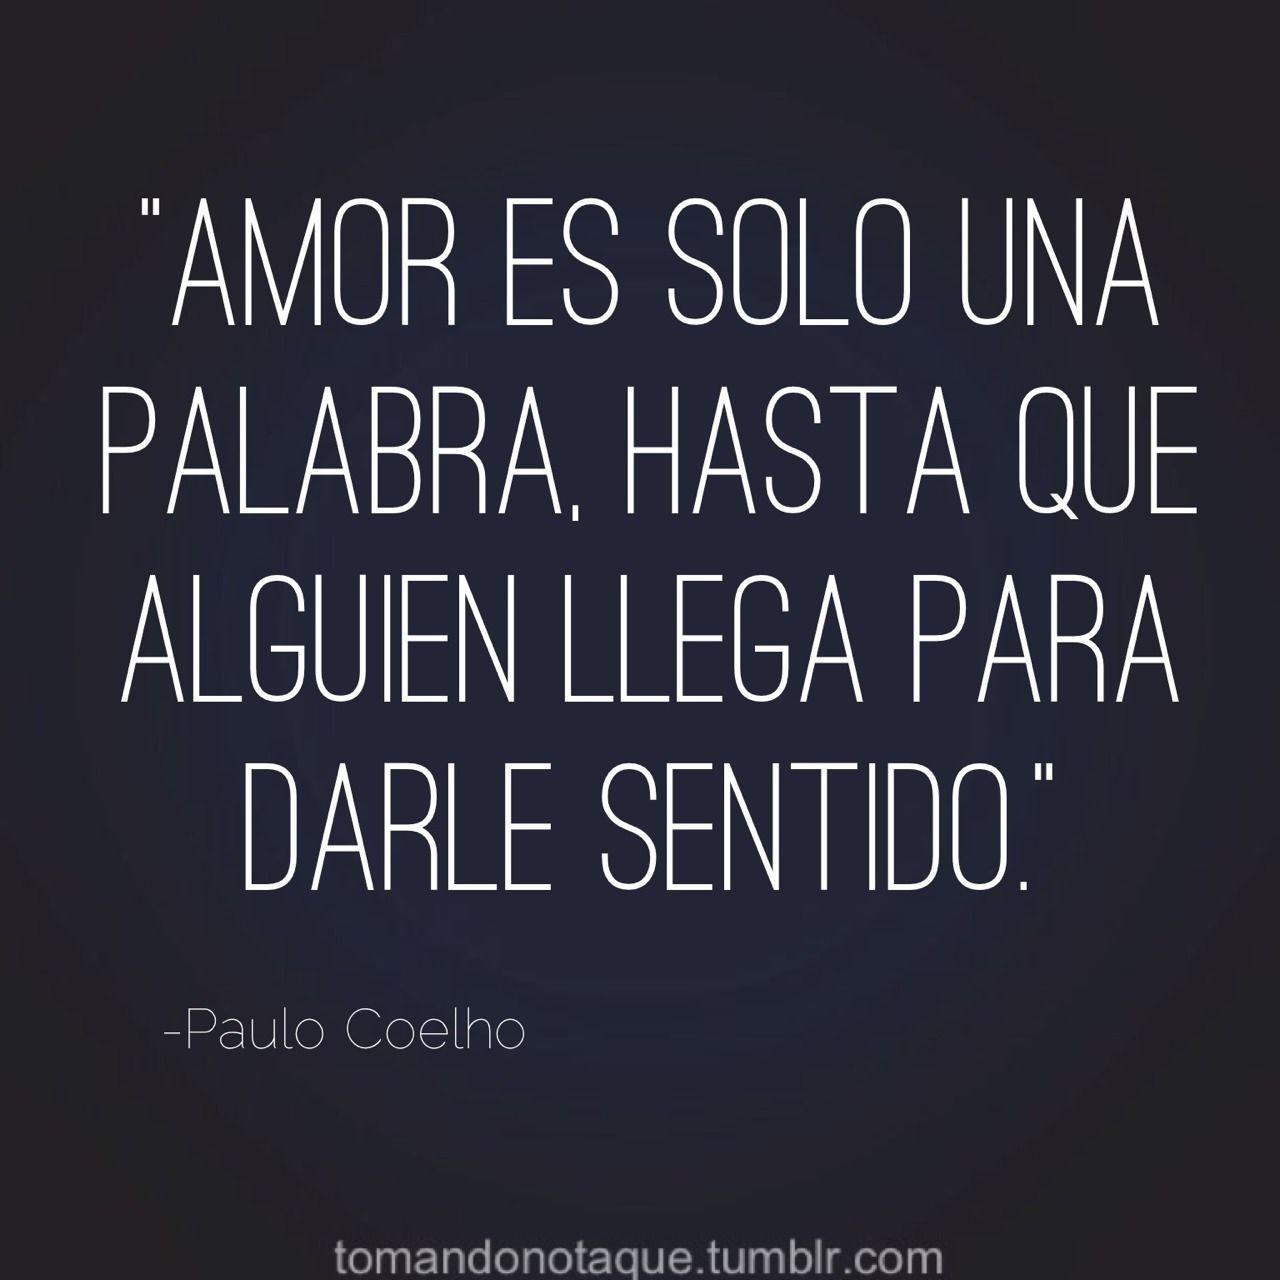 Frase celebre de amor de Paulo Coelho